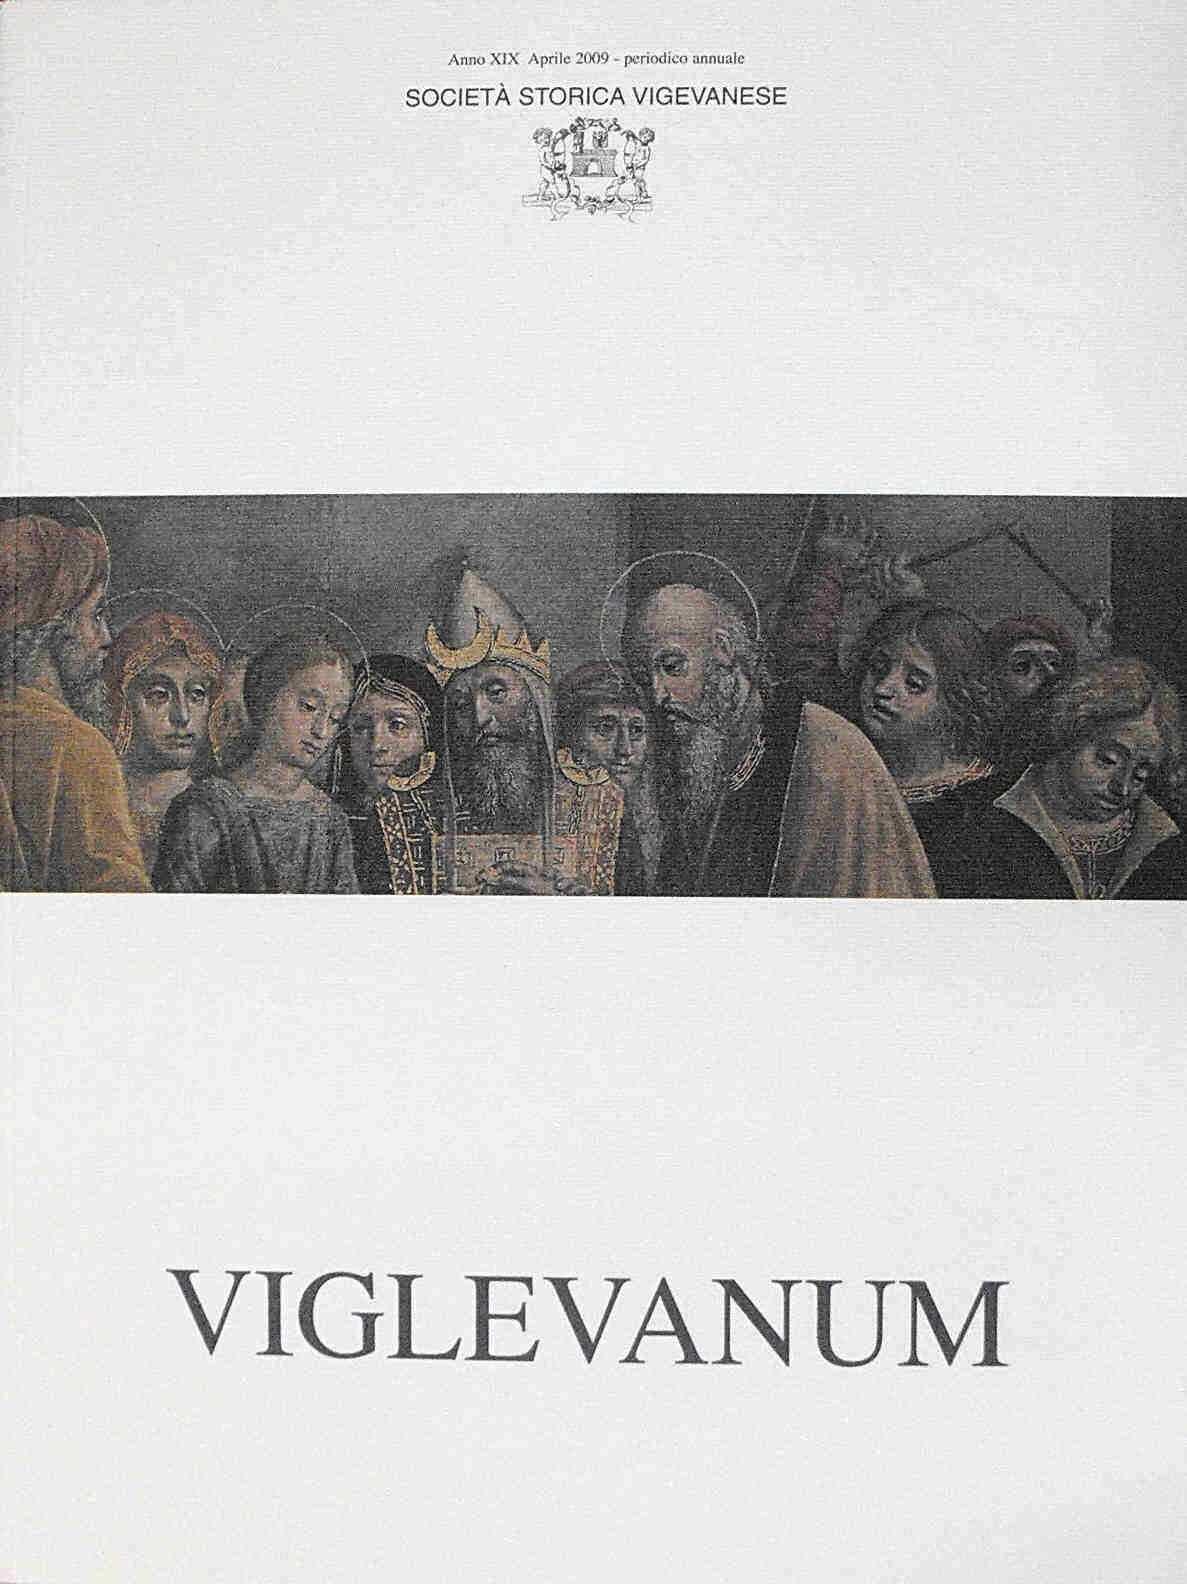 VIGLEVANUM - Anno XIX Aprile 2009